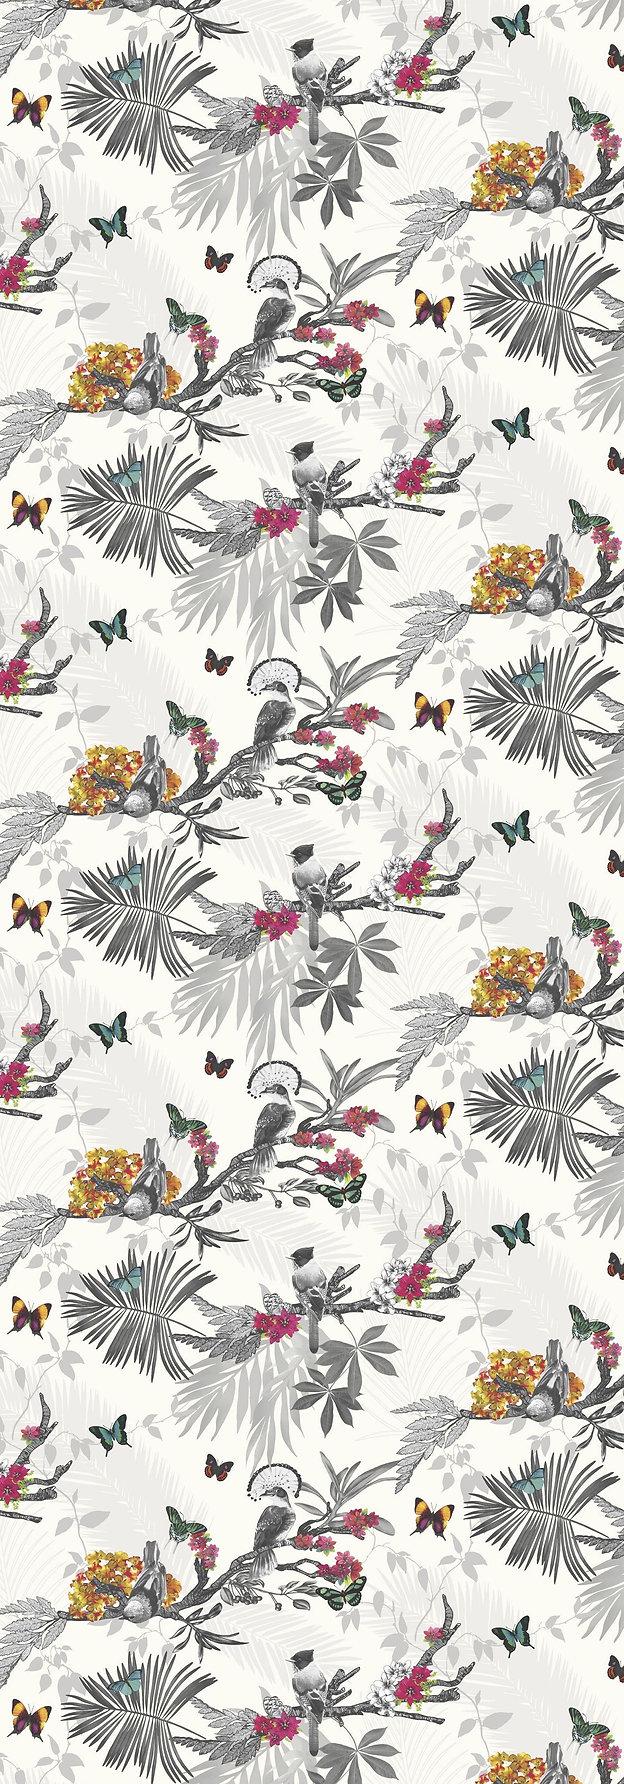 wp4456891-birds-and-butterflies-wallpape